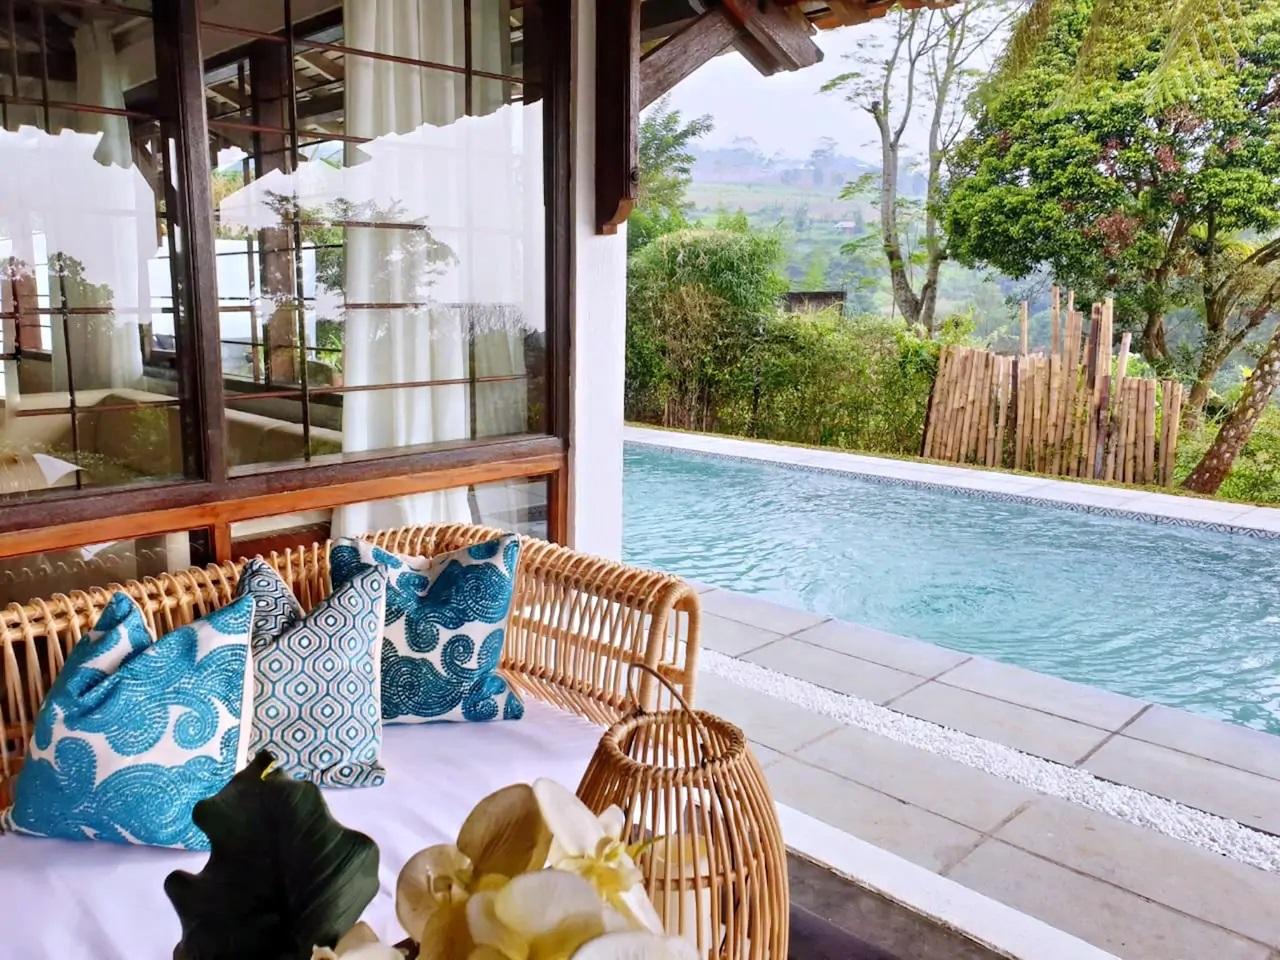 villa dengan fasilitas kolam renang dan view gunung di puncak